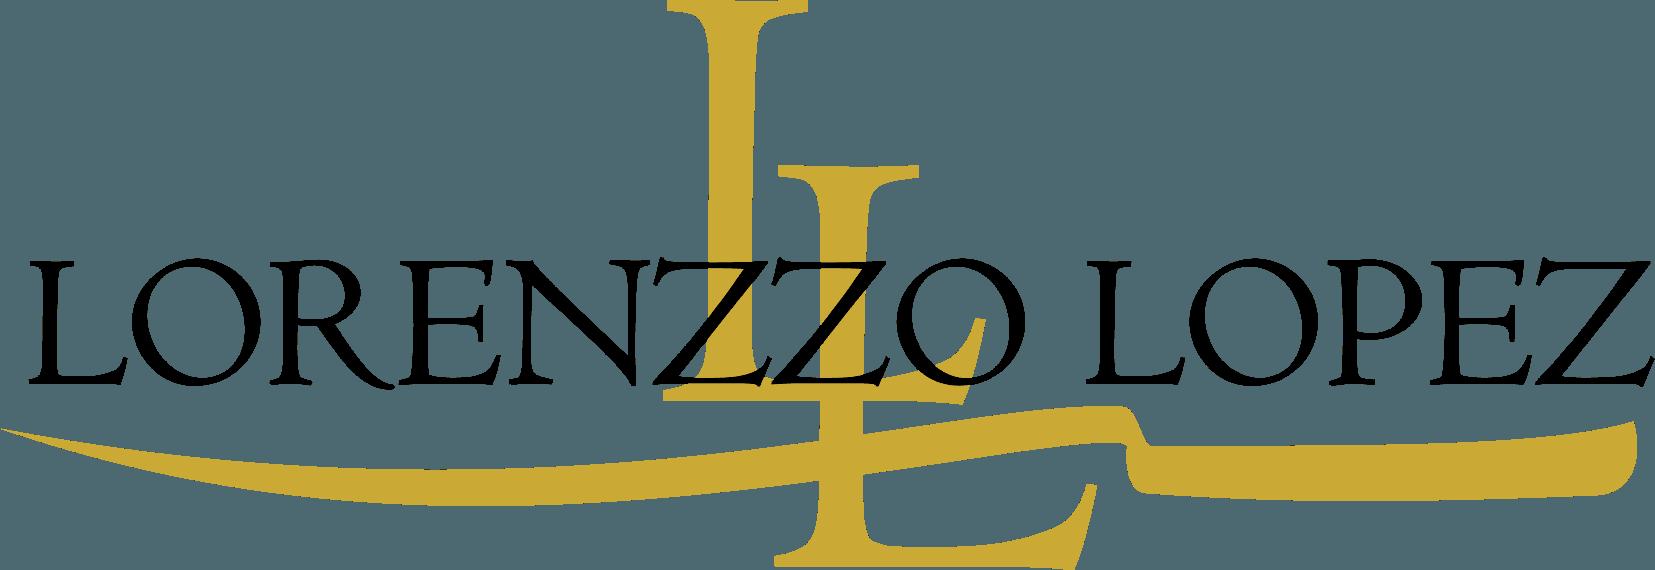 Lorenzzo Lopez